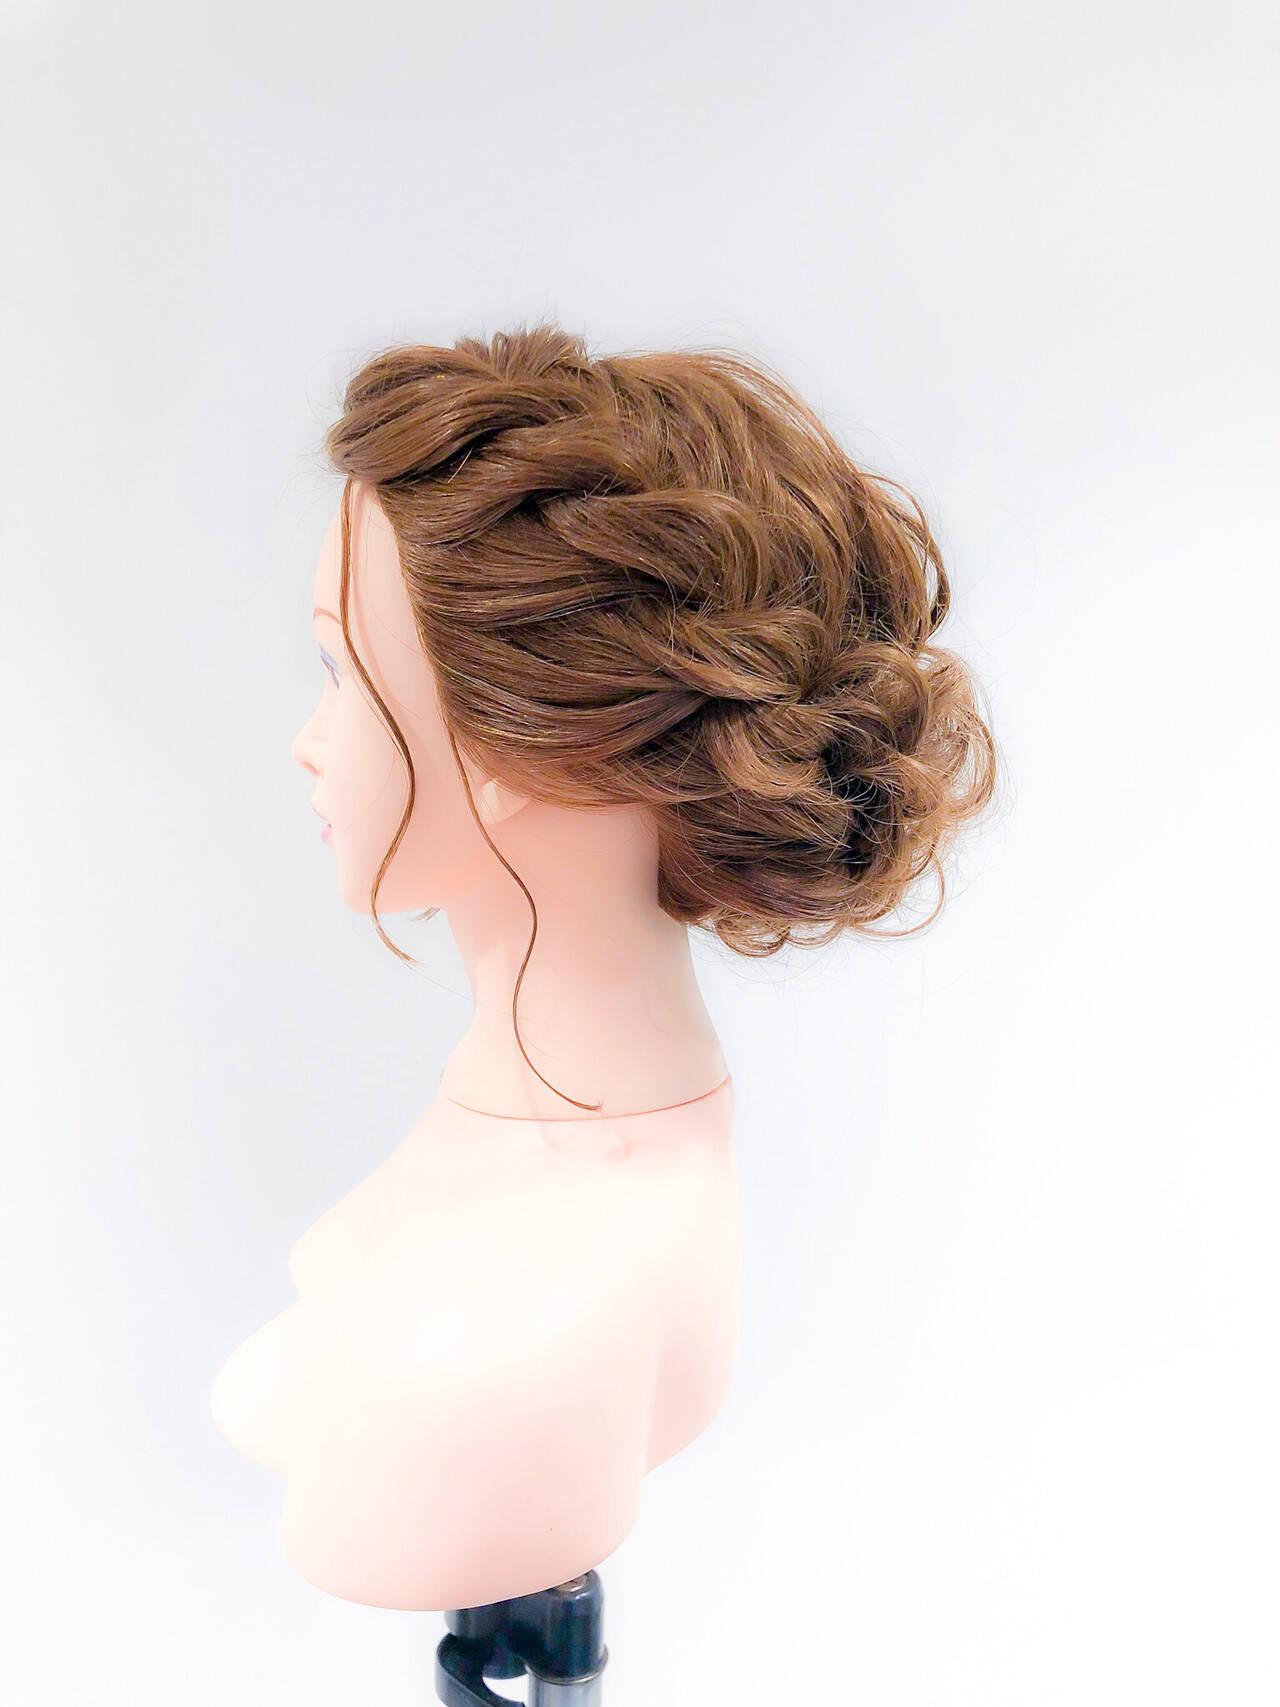 ヘアセット ロング 成人式ヘア アップスタイルヘアスタイルや髪型の写真・画像